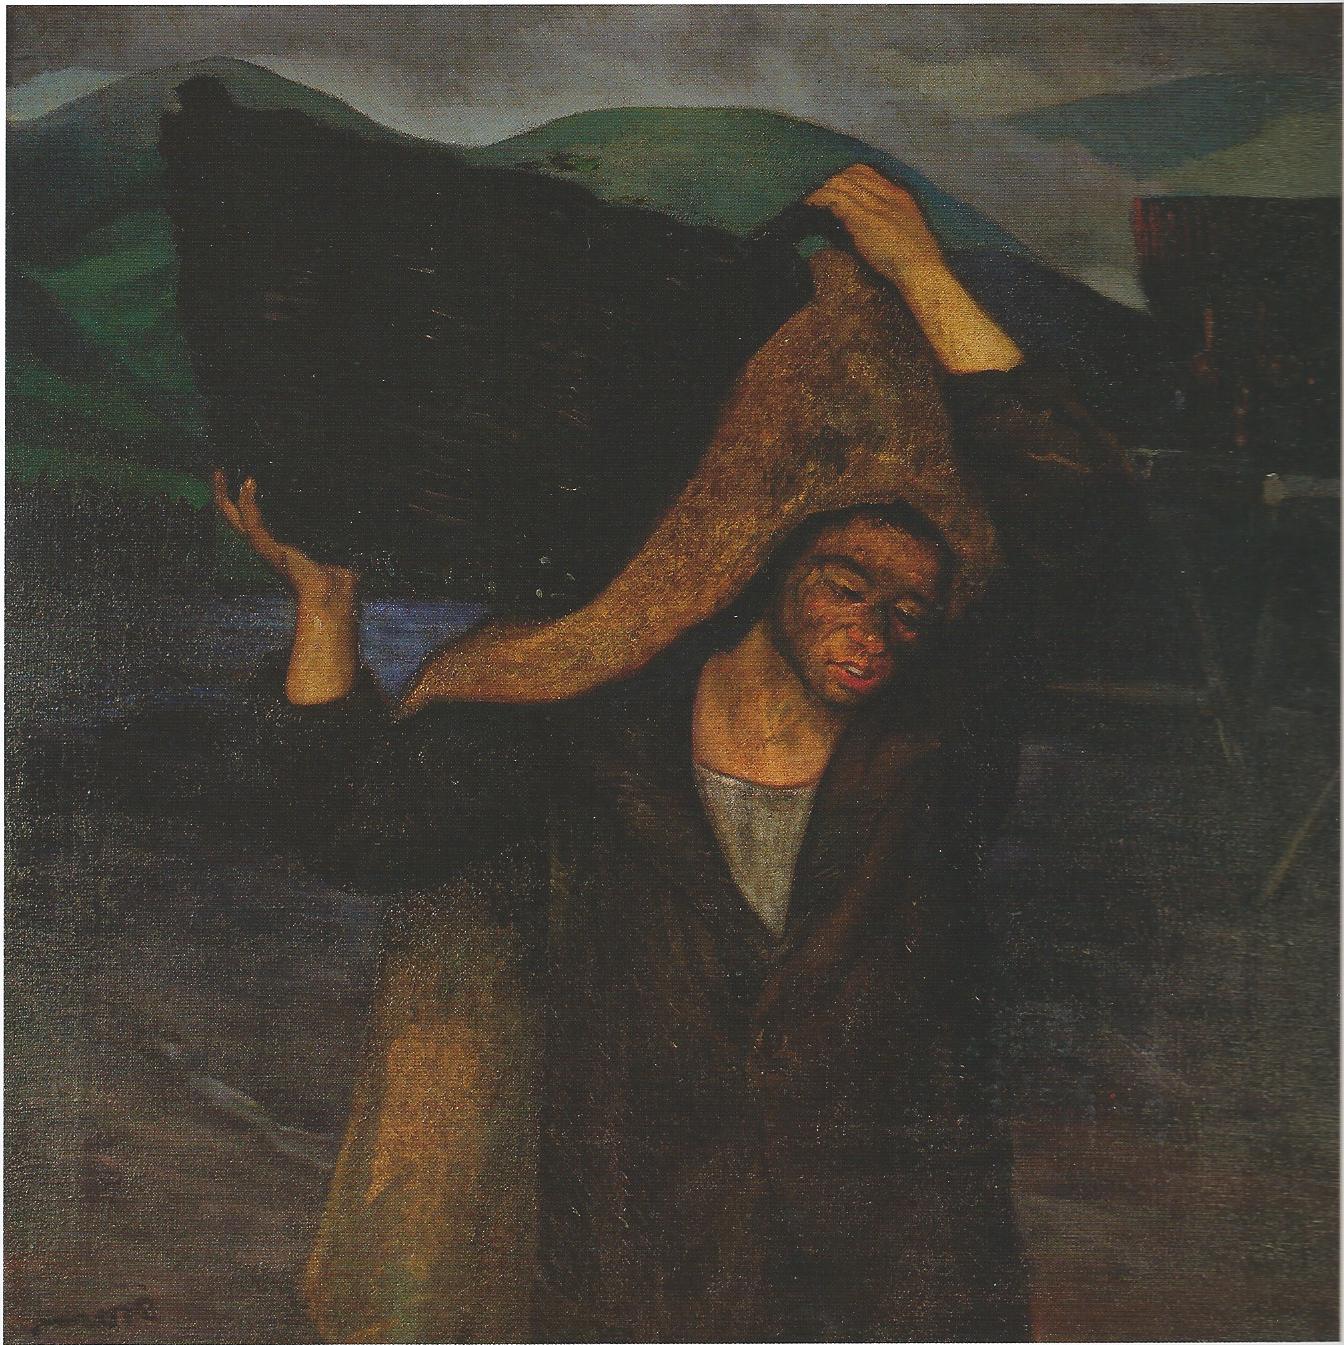 Mariano Moré, Niño de la Cuenca / Y llegará a ser hombre, ca. 1927.